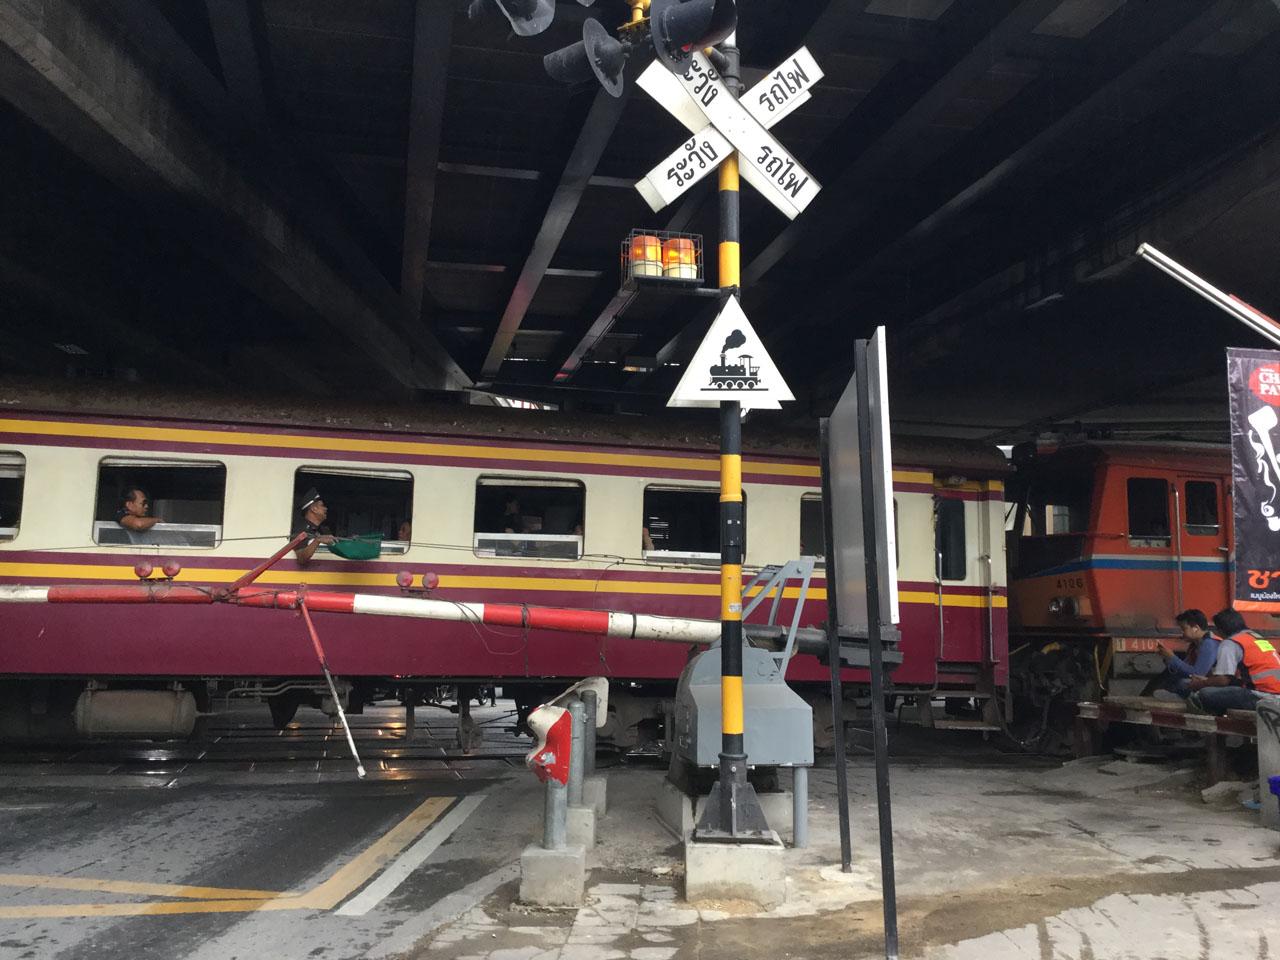 Gem train